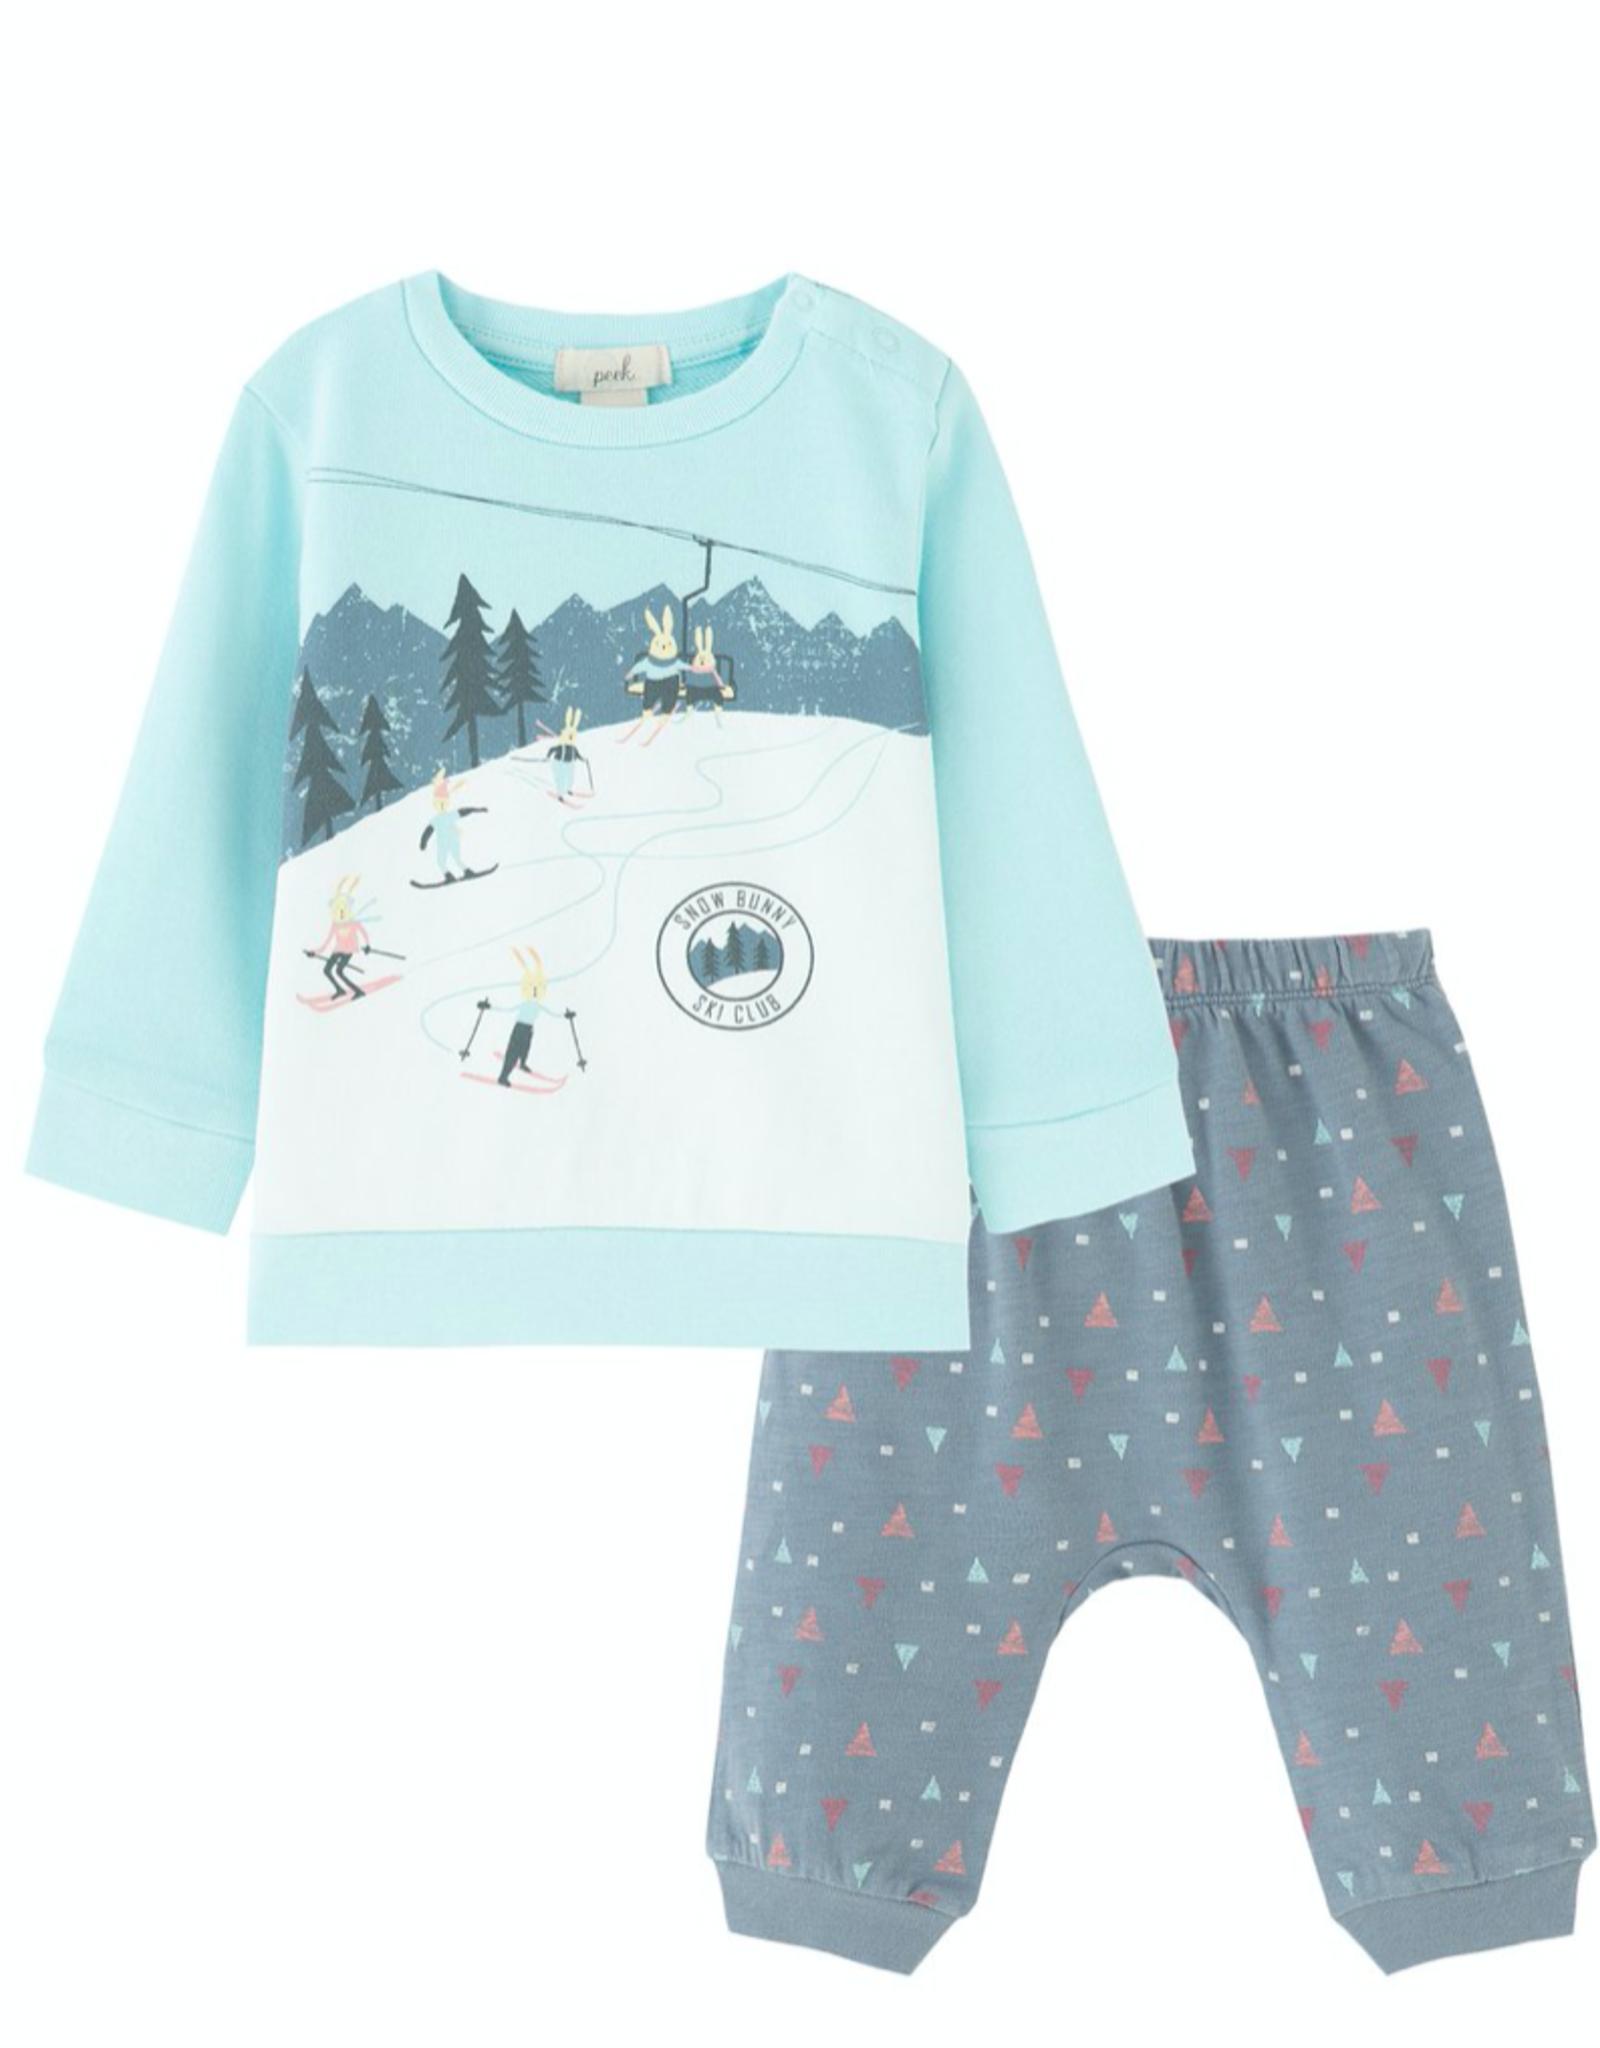 Peek Peek Bonnie Ski Mountain Pant Set